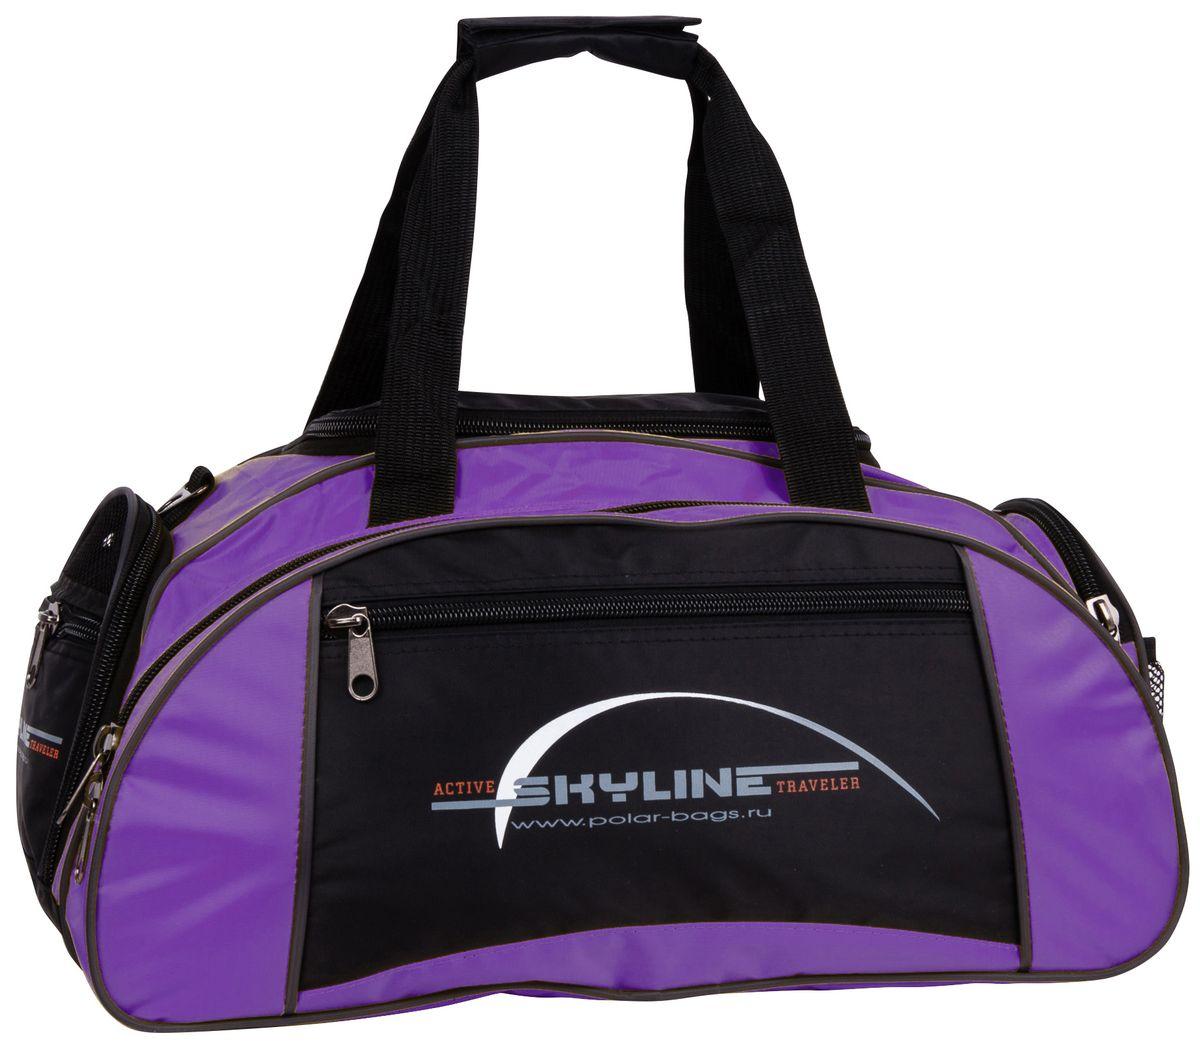 Сумка спортивная Polar Скайлайн, цвет: черный, фиолетовый, 36 л. 60636063Спортивная сумка Polar Скайлайн выполнена из полиэстера. Большое отделение под вещи, плюс три кармана снаружи сумки позволят вместить в сумку самые необходимые вещи. Сбоку расположен карман для обуви. Имеется плечевой ремень.